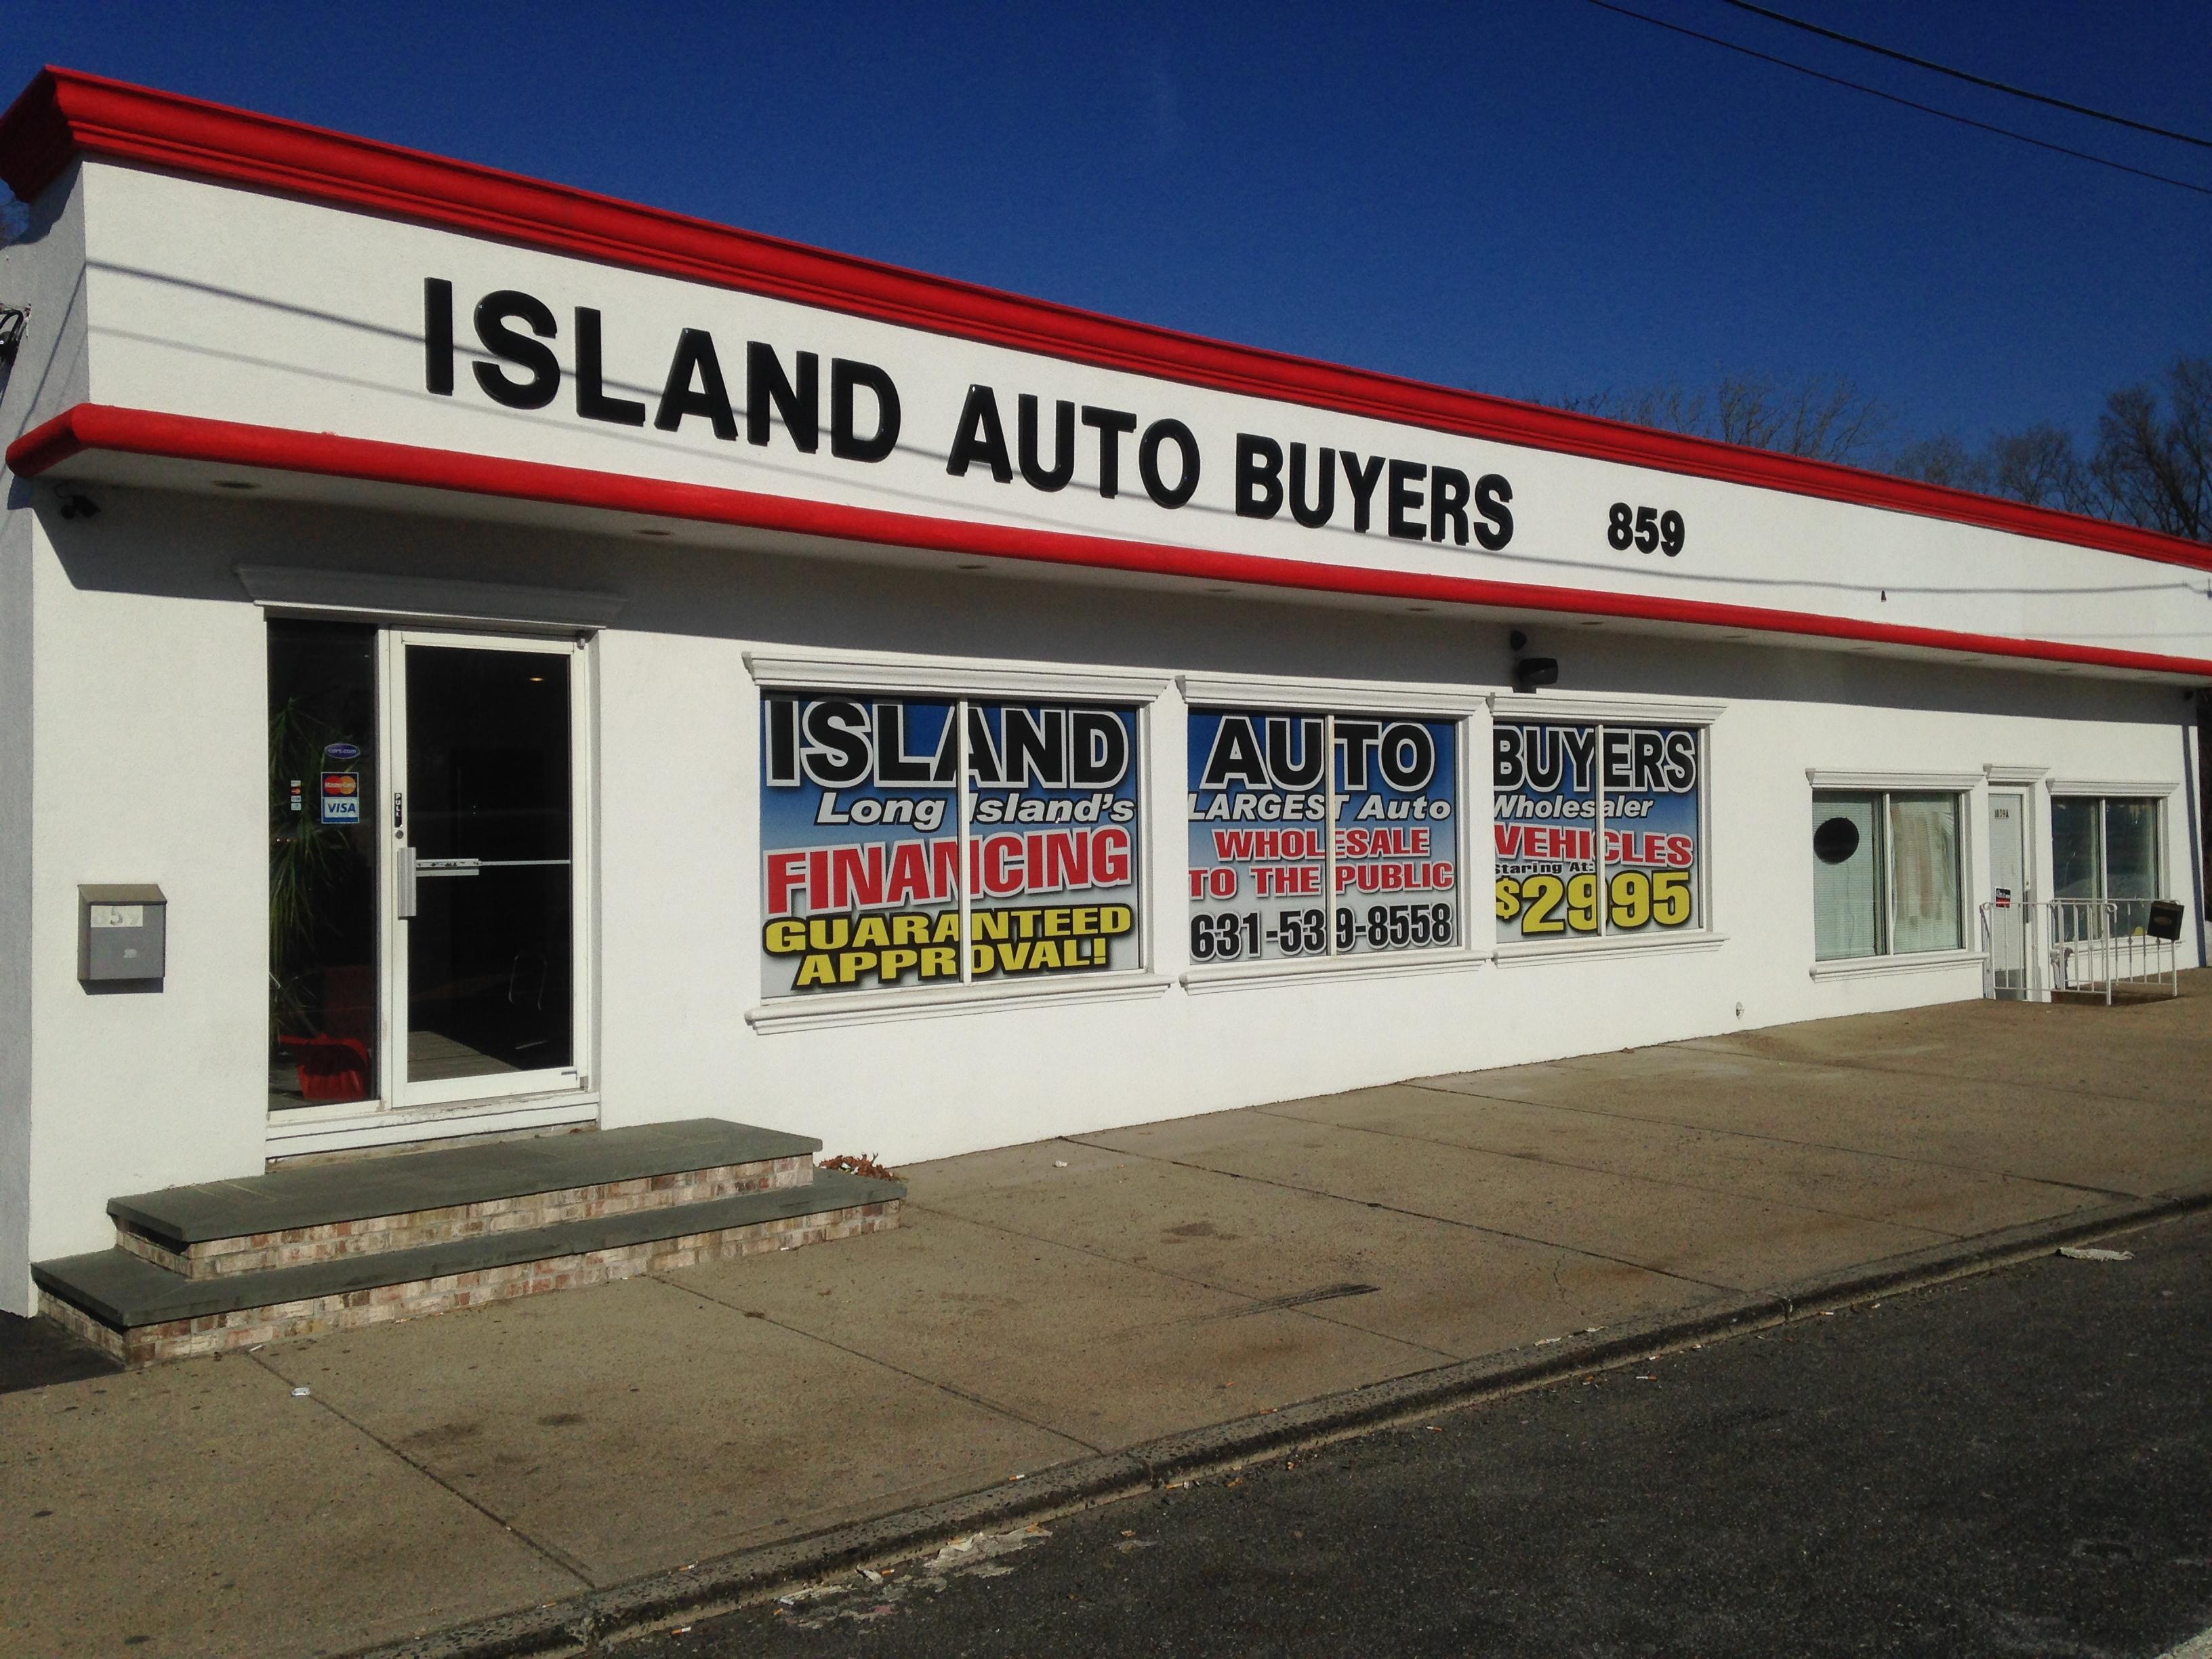 Island Auto Buyers